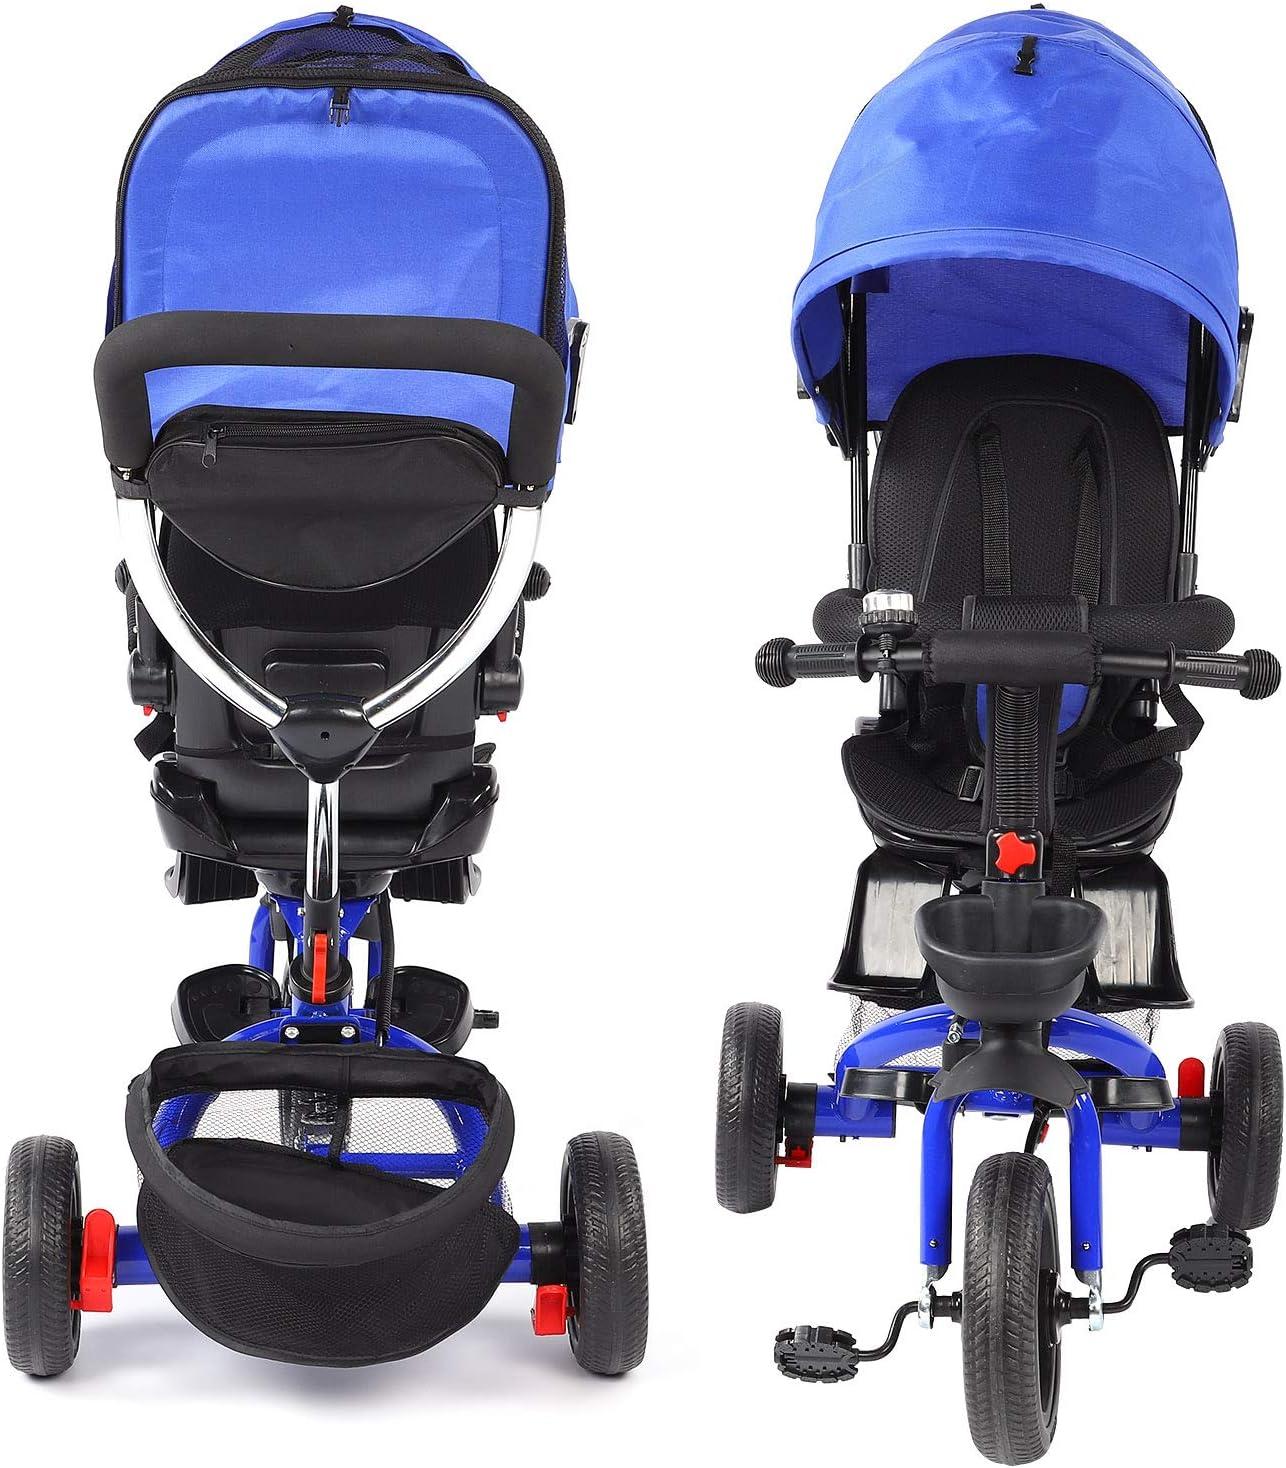 Ejoyous Triciclo Infantil, Triciclo Jogger portátil Plegable con Varilla de Empuje y 2 Frenos, Asiento con cinturón de Seguridad y cesto portaobjetos Apto para niños de 1 a 5 años